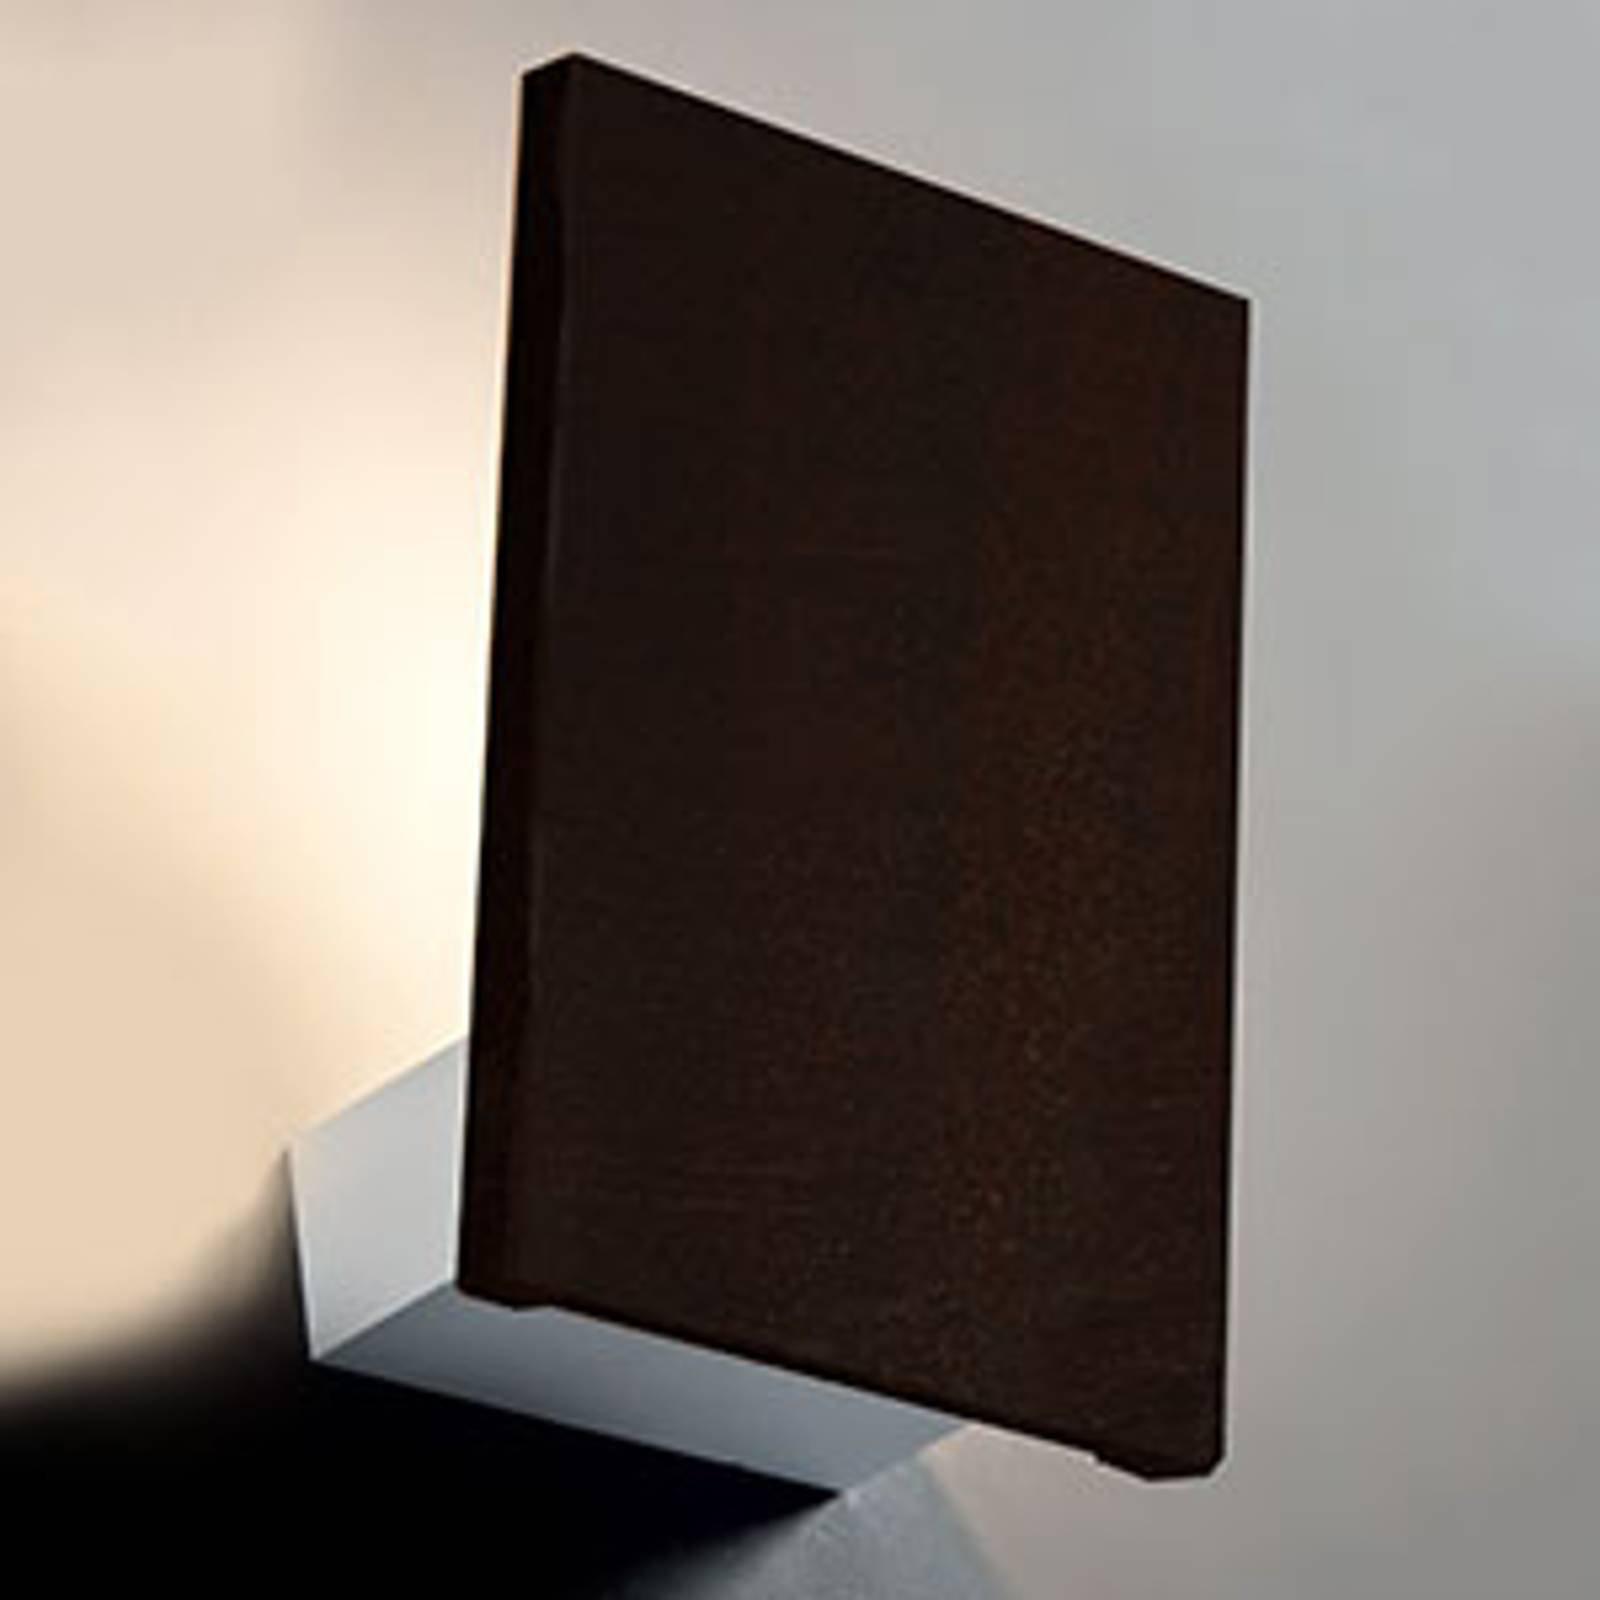 Cortenstål-vegglampe Flat med LED